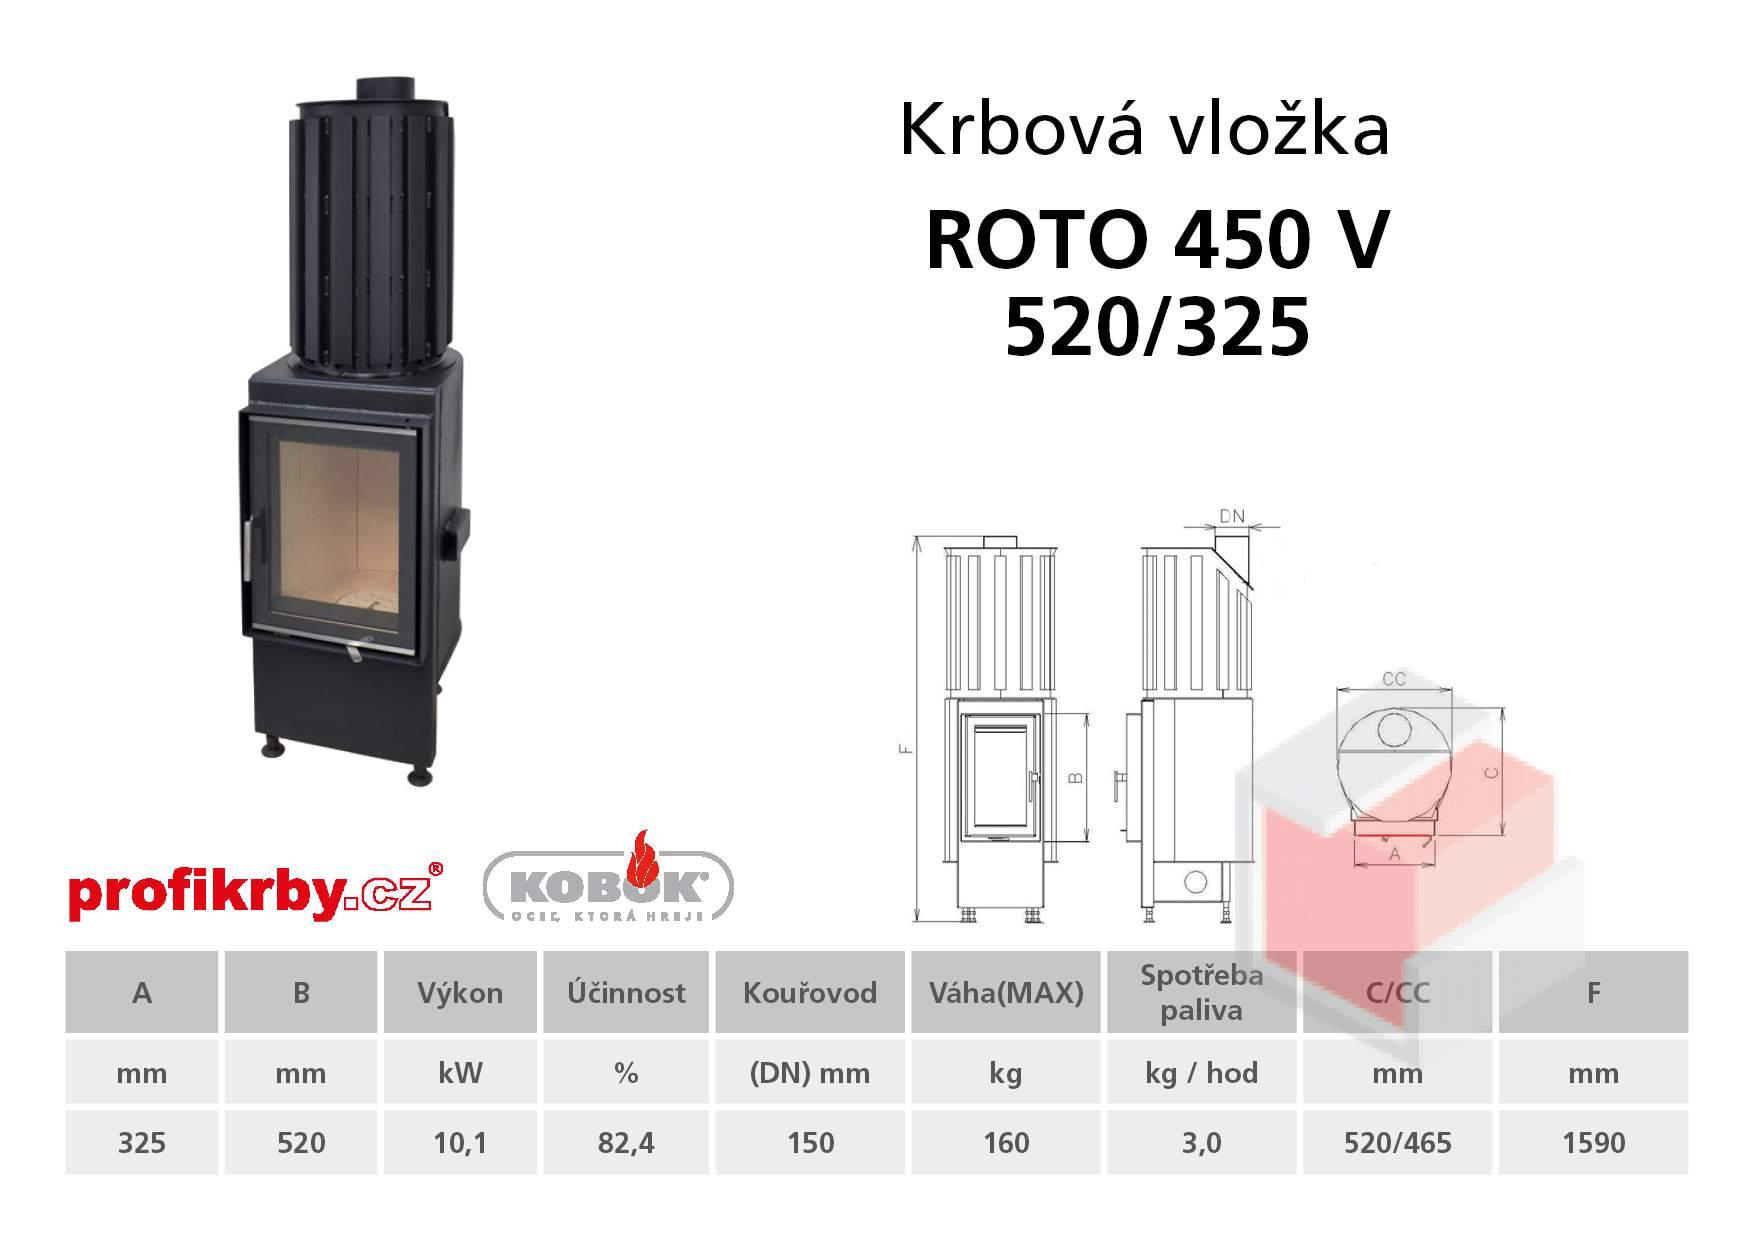 Krbová vložka KOBOK ROTO 450 520/325 - vertikal